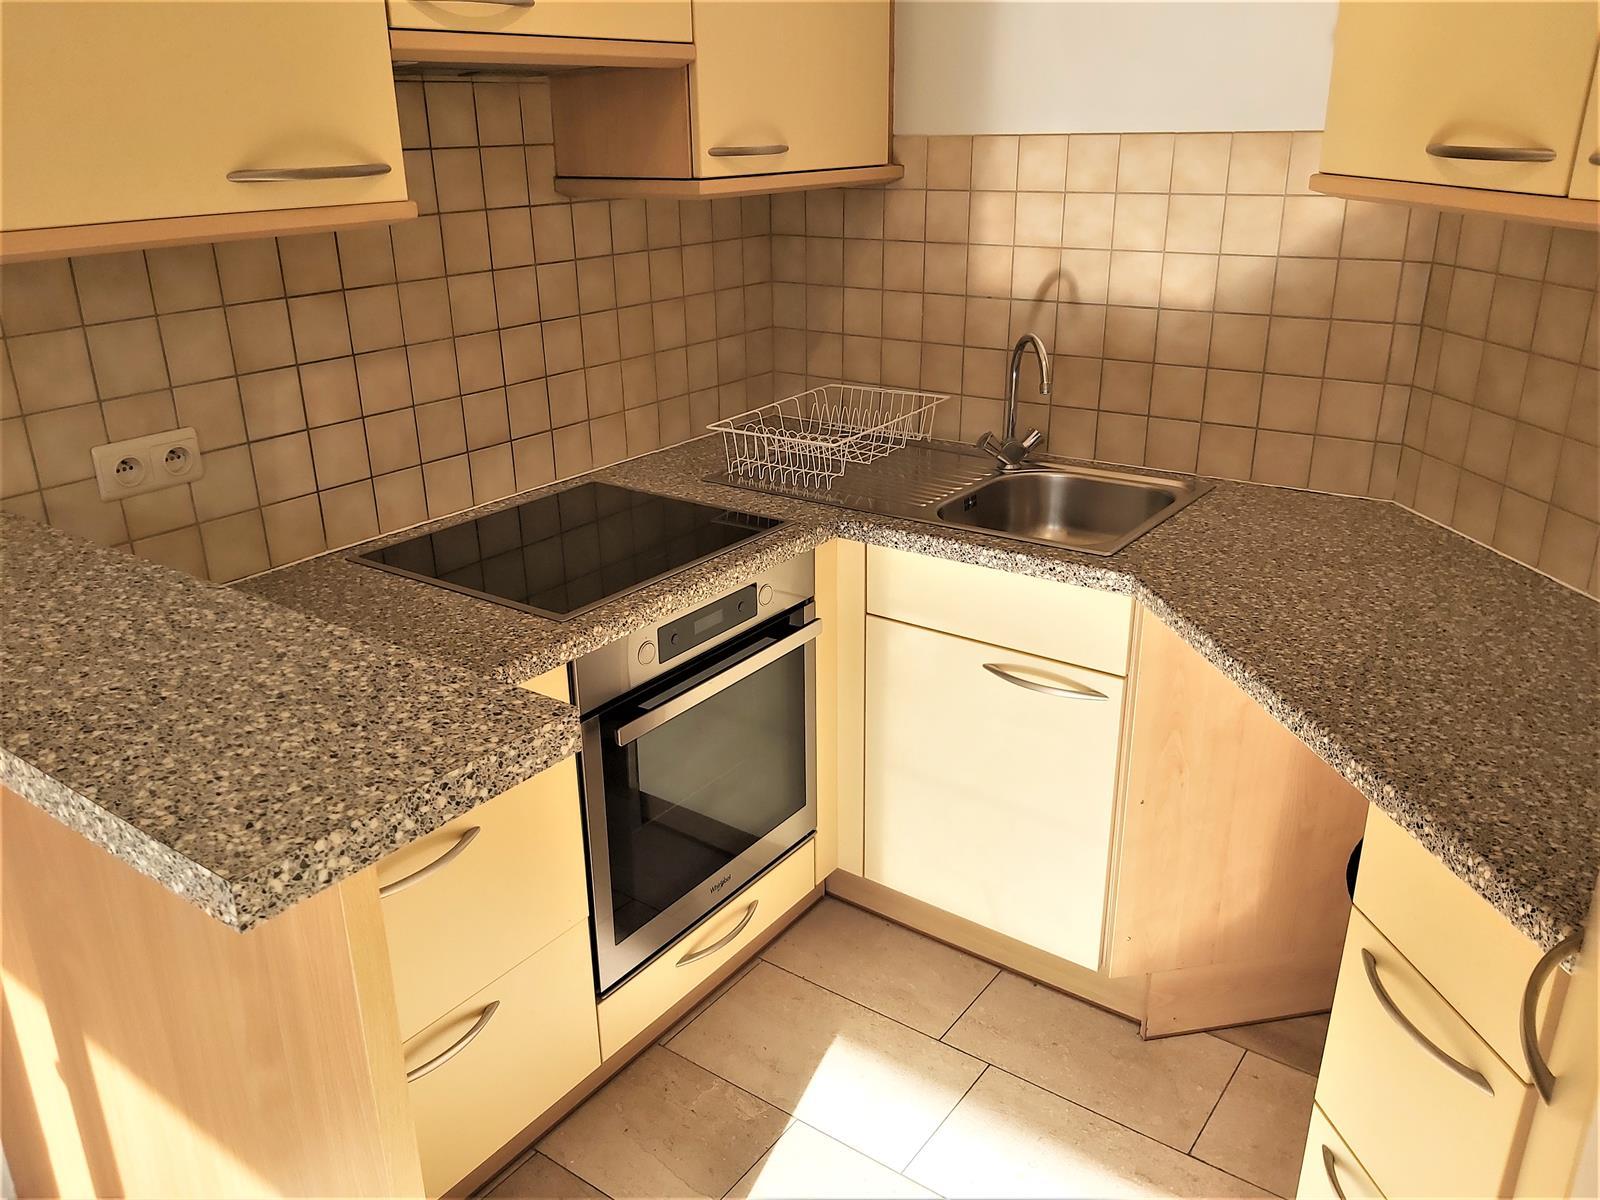 Appartement - Ottignies-Louvain-la-Neuve - #4498228-6